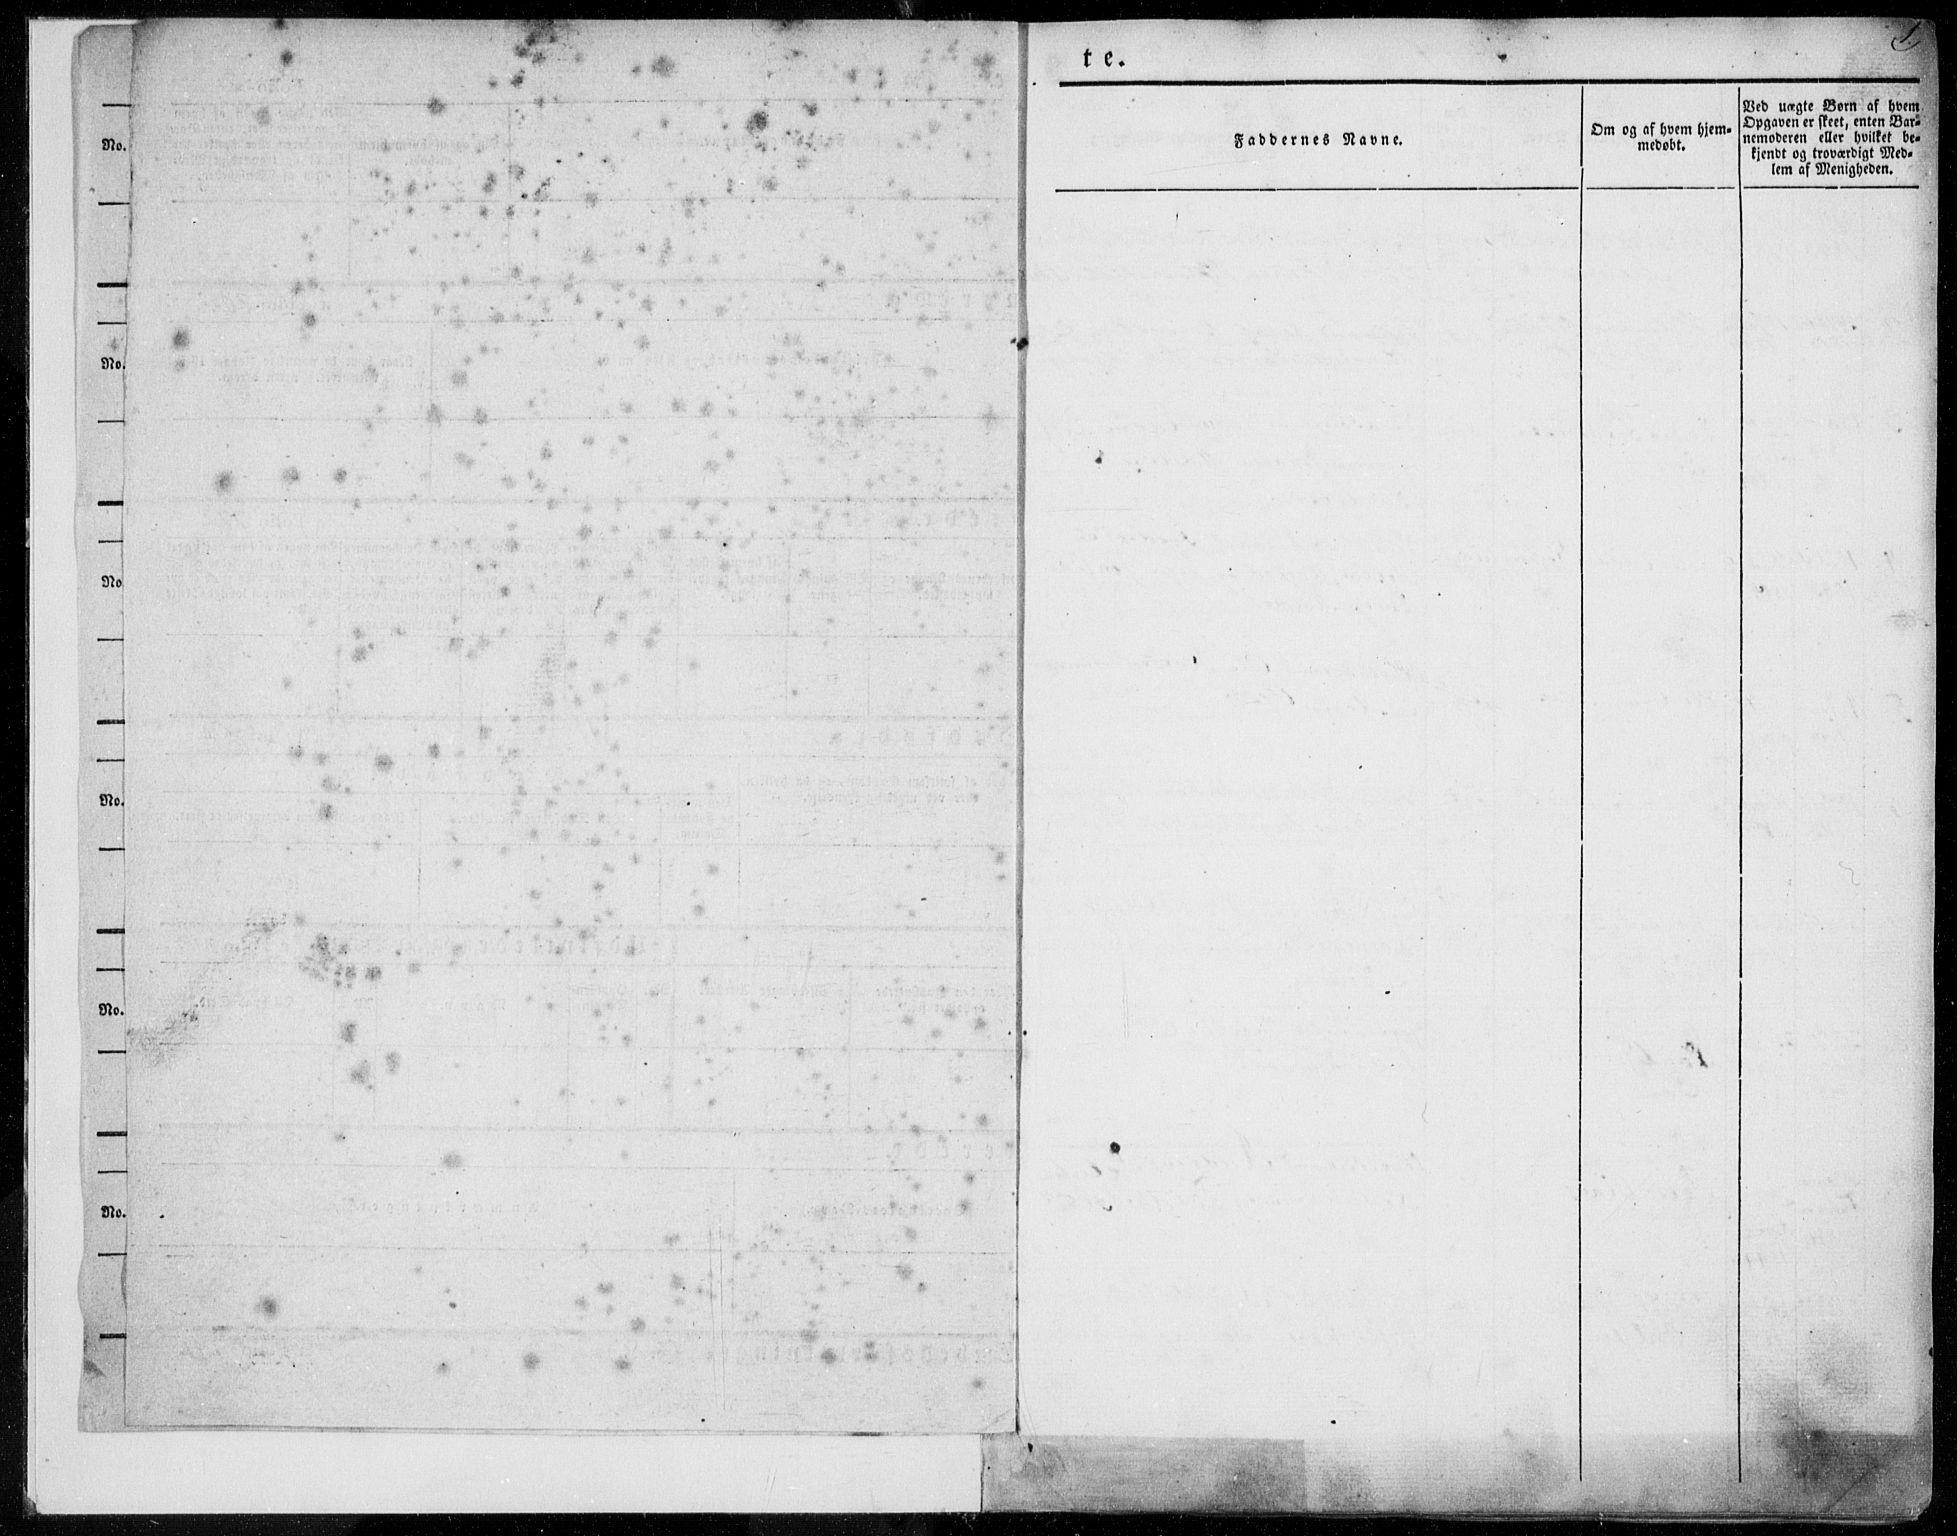 SAT, Ministerialprotokoller, klokkerbøker og fødselsregistre - Møre og Romsdal, 558/L0689: Ministerialbok nr. 558A03, 1843-1872, s. 1